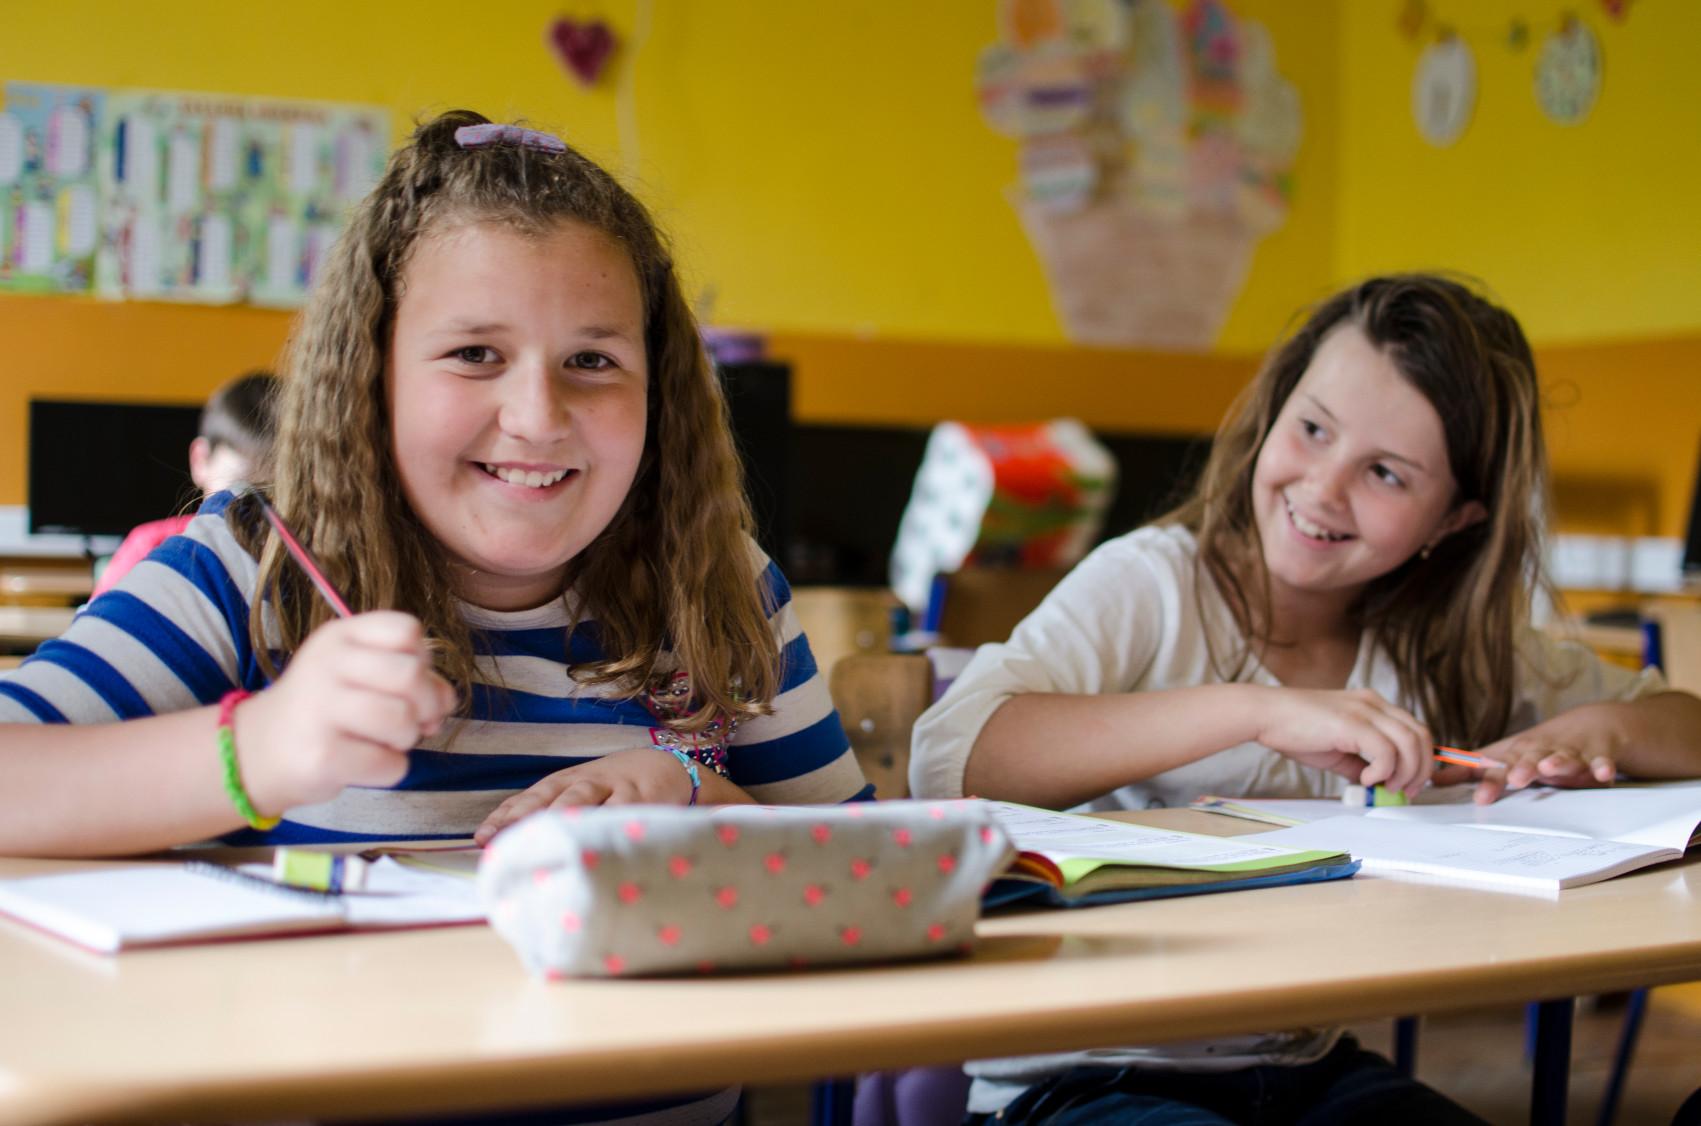 Das Spendengeld soll insbesondere für Hausaufgabenhilfen verwendet werden. © SOS-Kinderdorf International, Katerina Ilievska